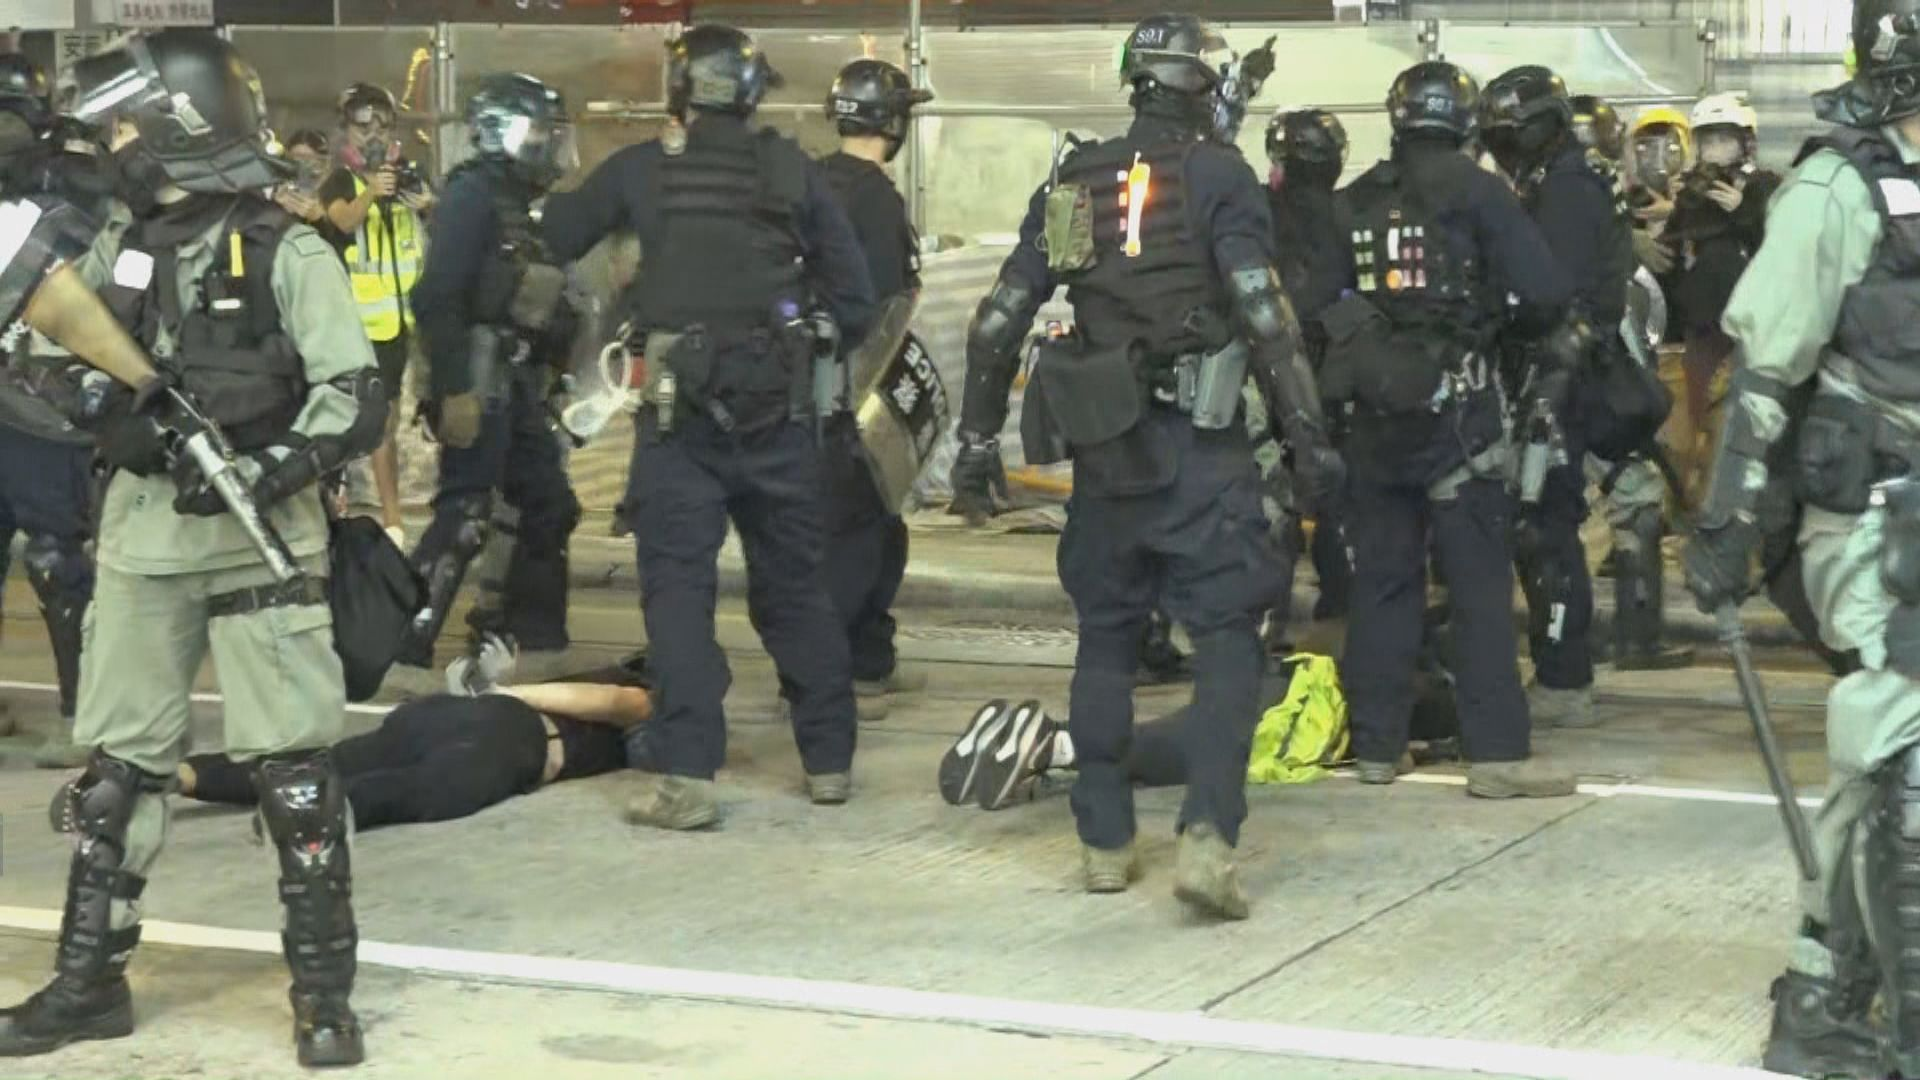 示威者入夜後旺角聚集 速龍制服多人